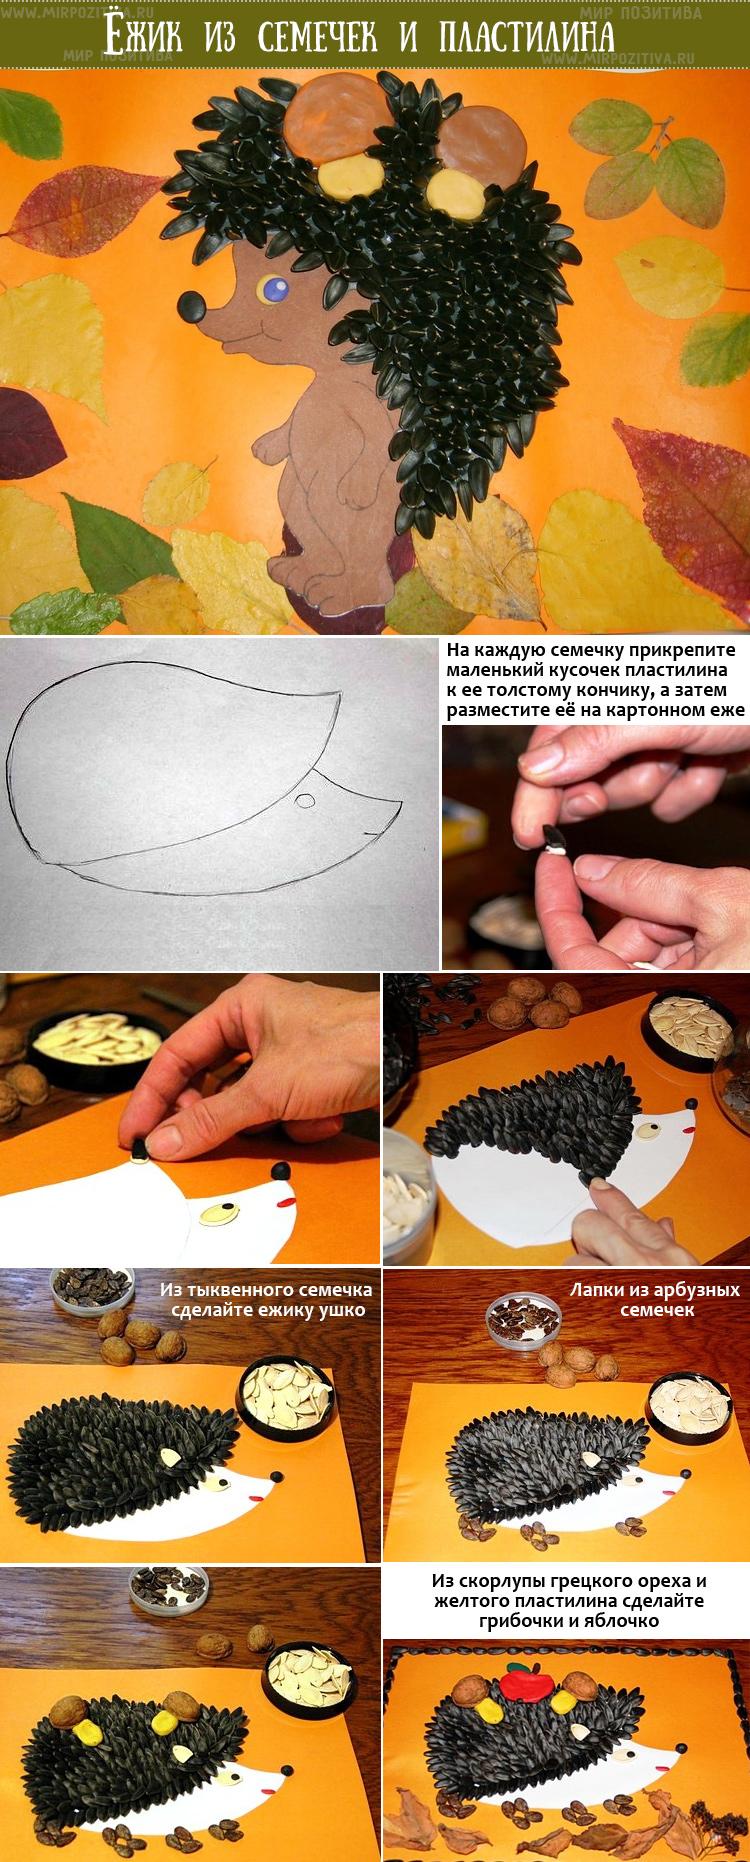 поделка еж из семечек и орехов на картоне